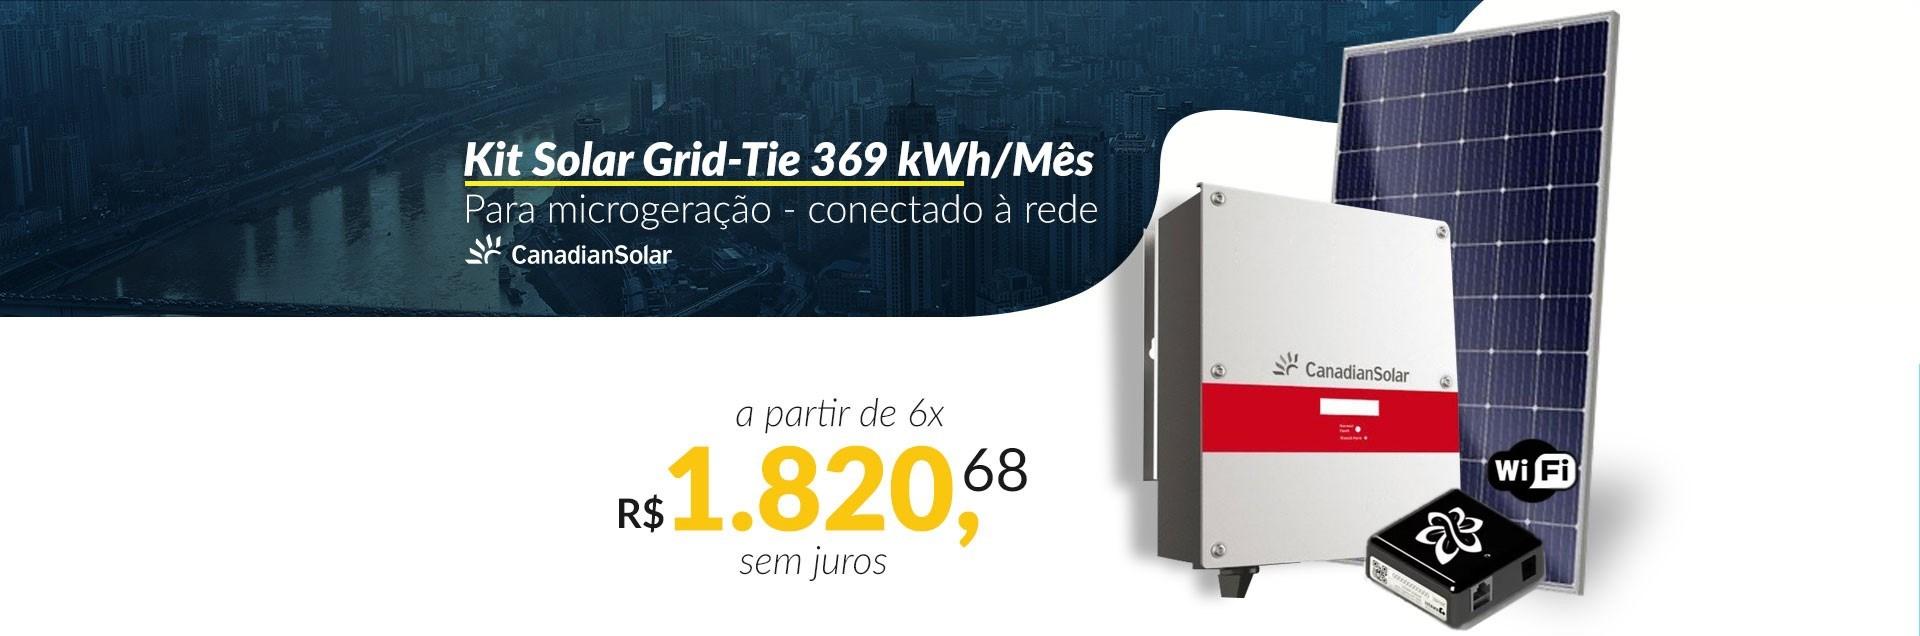 Kit Solar Grid-Tie 396 kWh/Mês para Microgeração (Conectado à Rede)